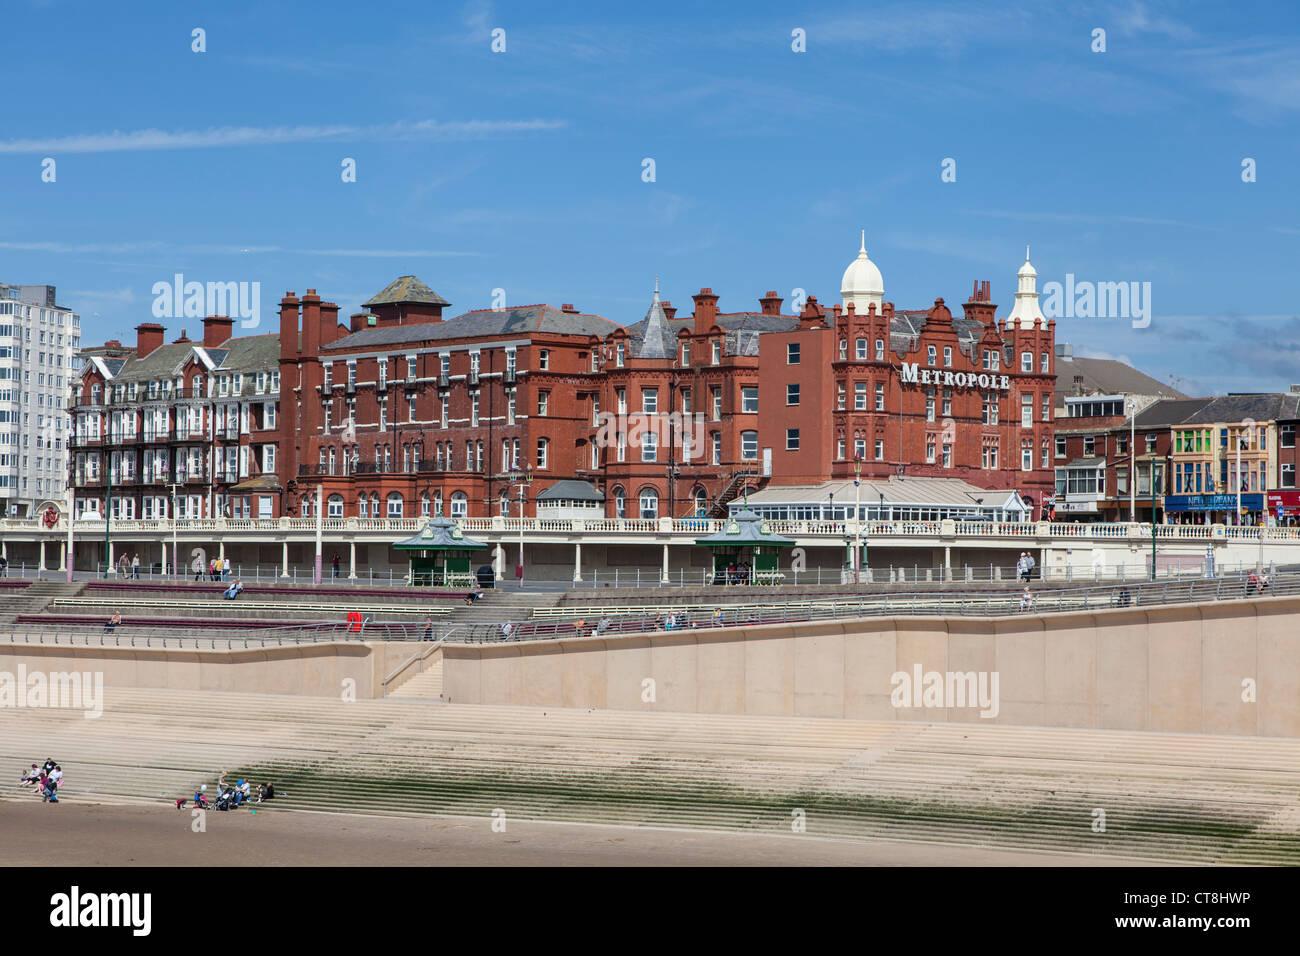 Metropole Hotel, Blackpool Stockbild